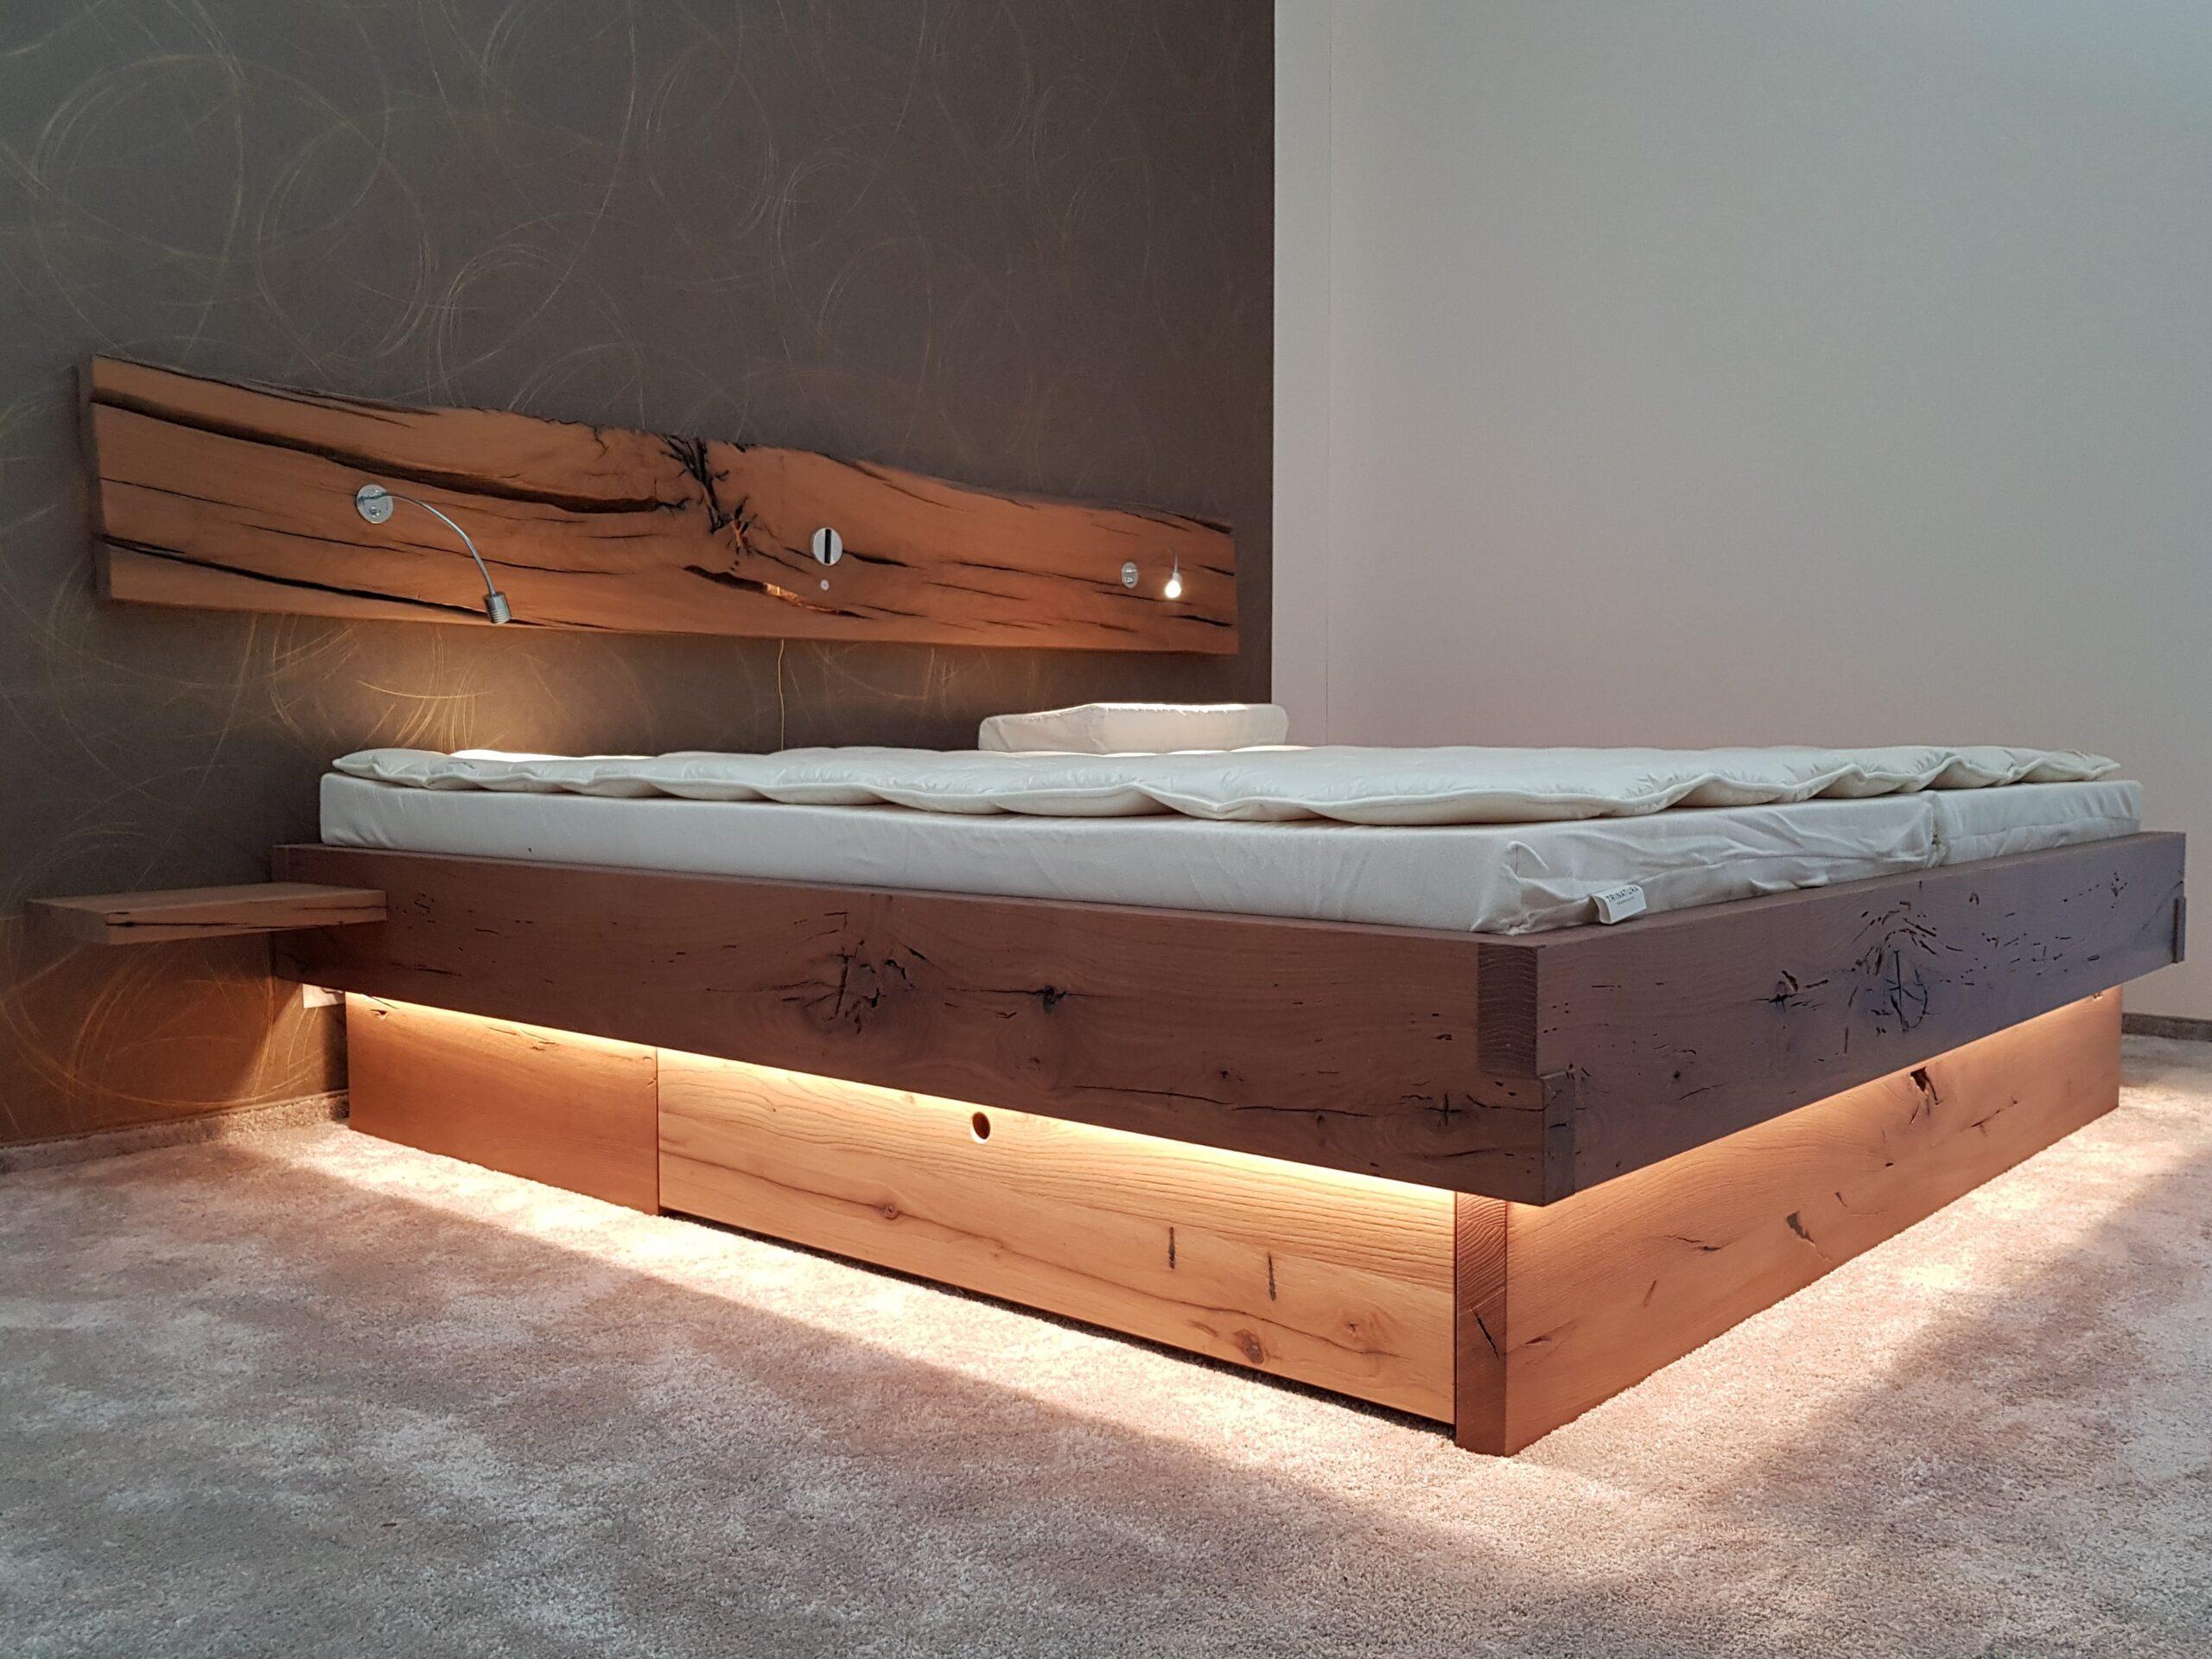 Wooddesign_Holzleuchten_LED-Beleuchtung_Licht_Indirekte Beleuchtung_Direkte Beleuchtung_Holzdesign (3)-min